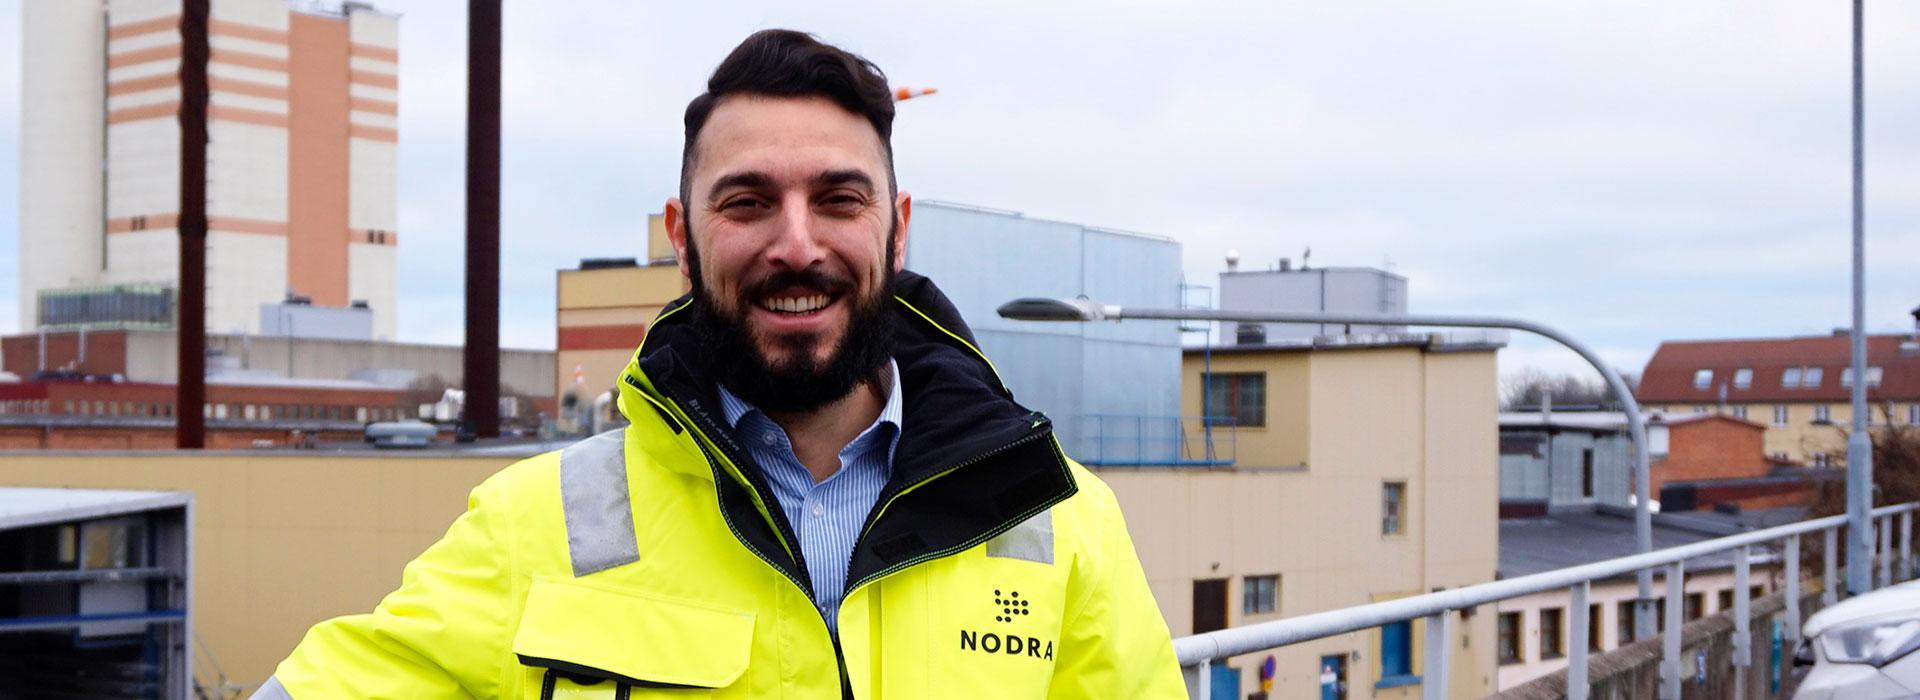 Porträtt på en man som har en varseljacka med Nodras logotyp. Bakgrunden är en vy över byggnader och hustak